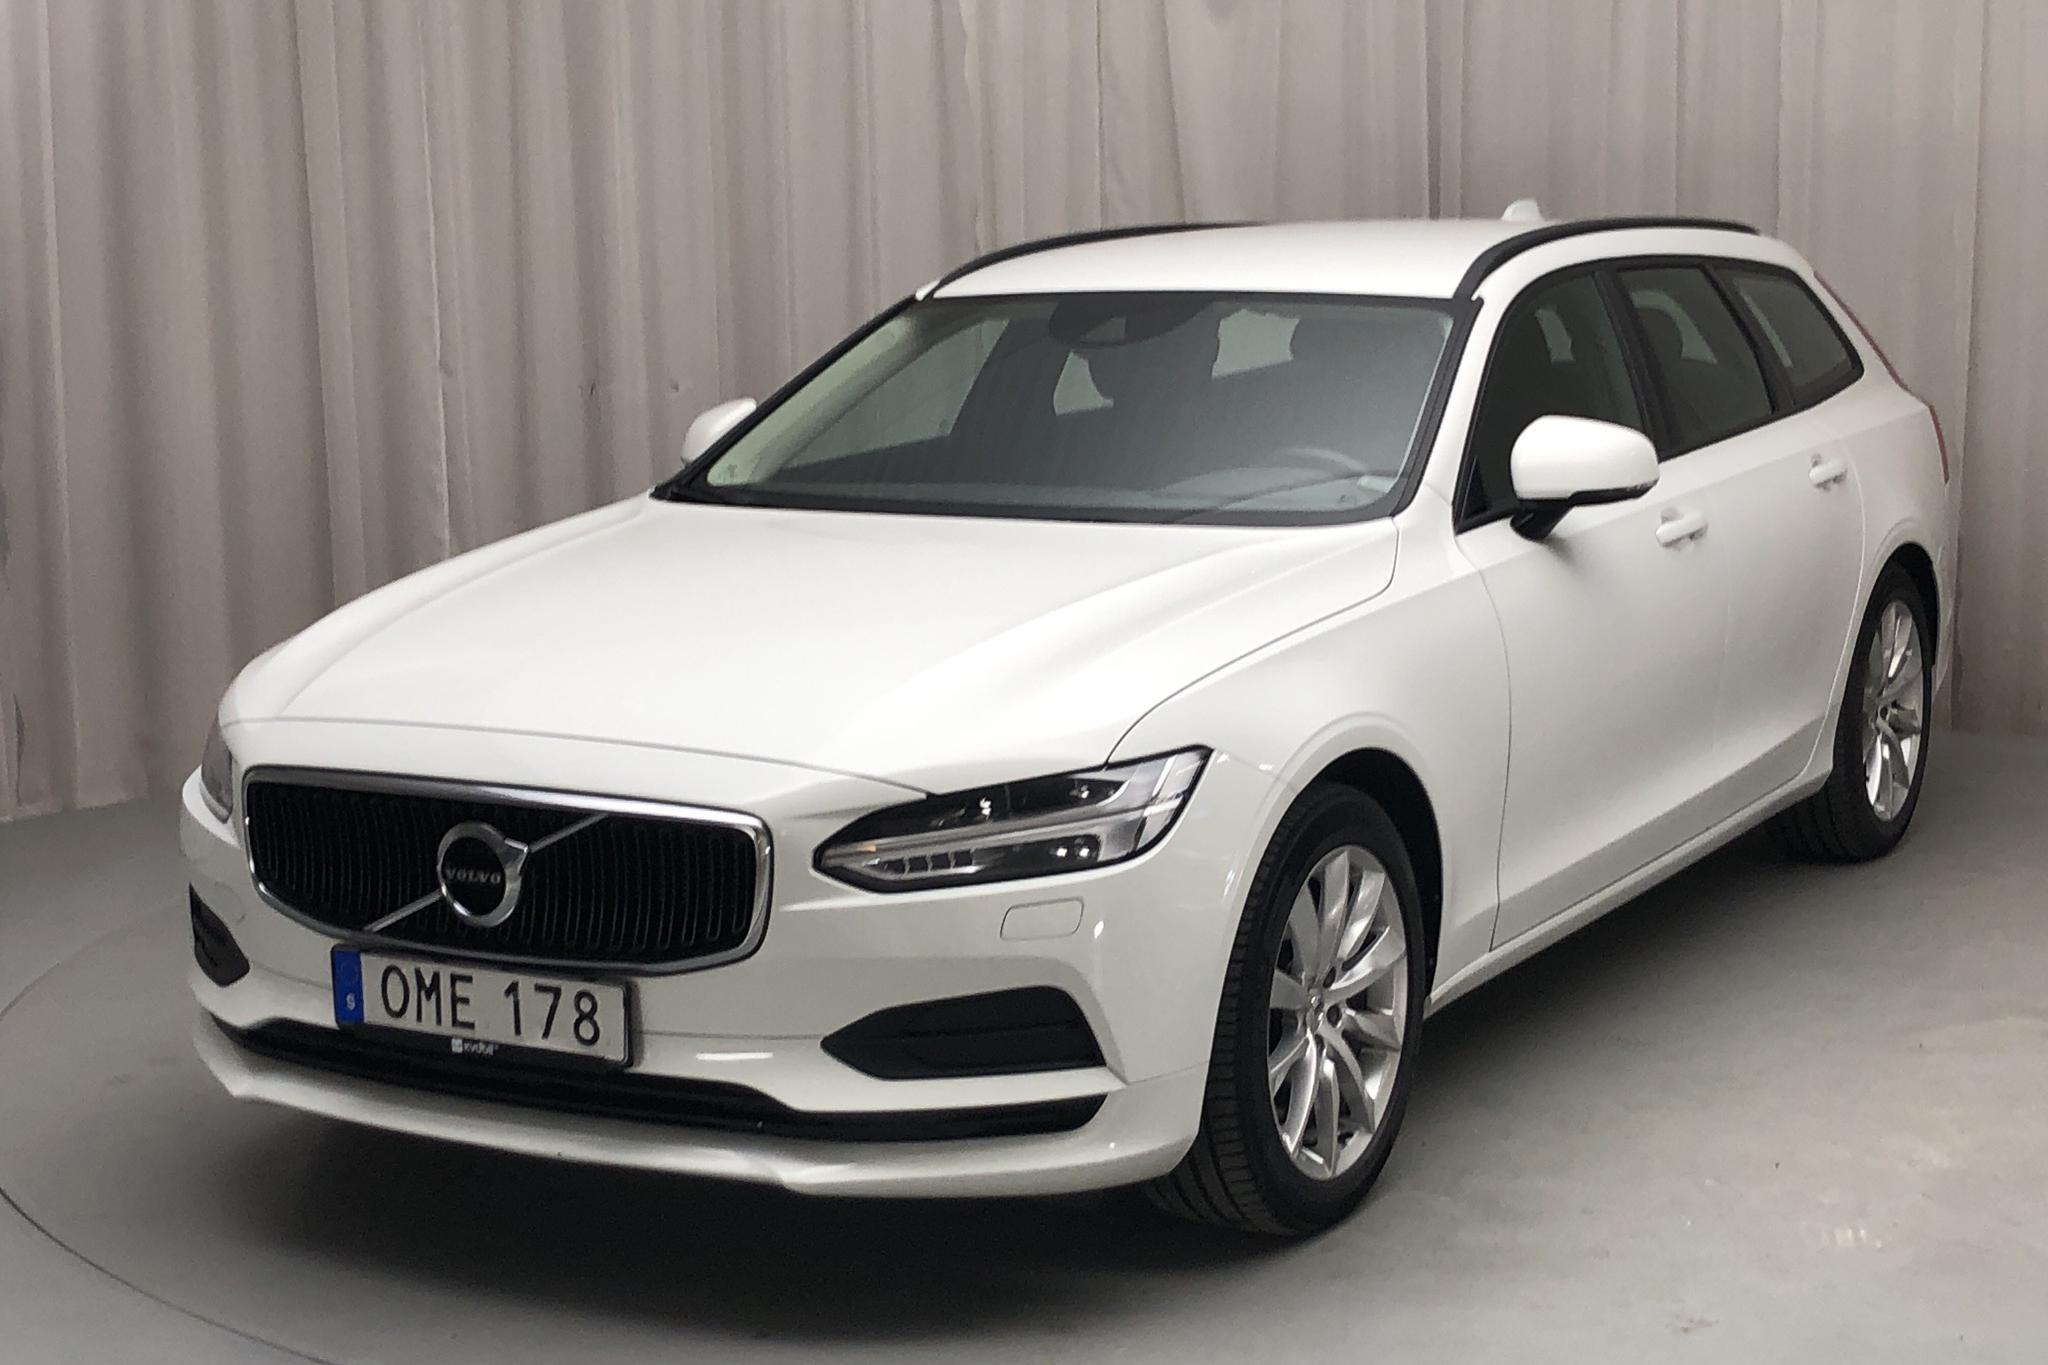 Volvo V90 T5 (254hk) - 95 980 km - Automatic - white - 2018